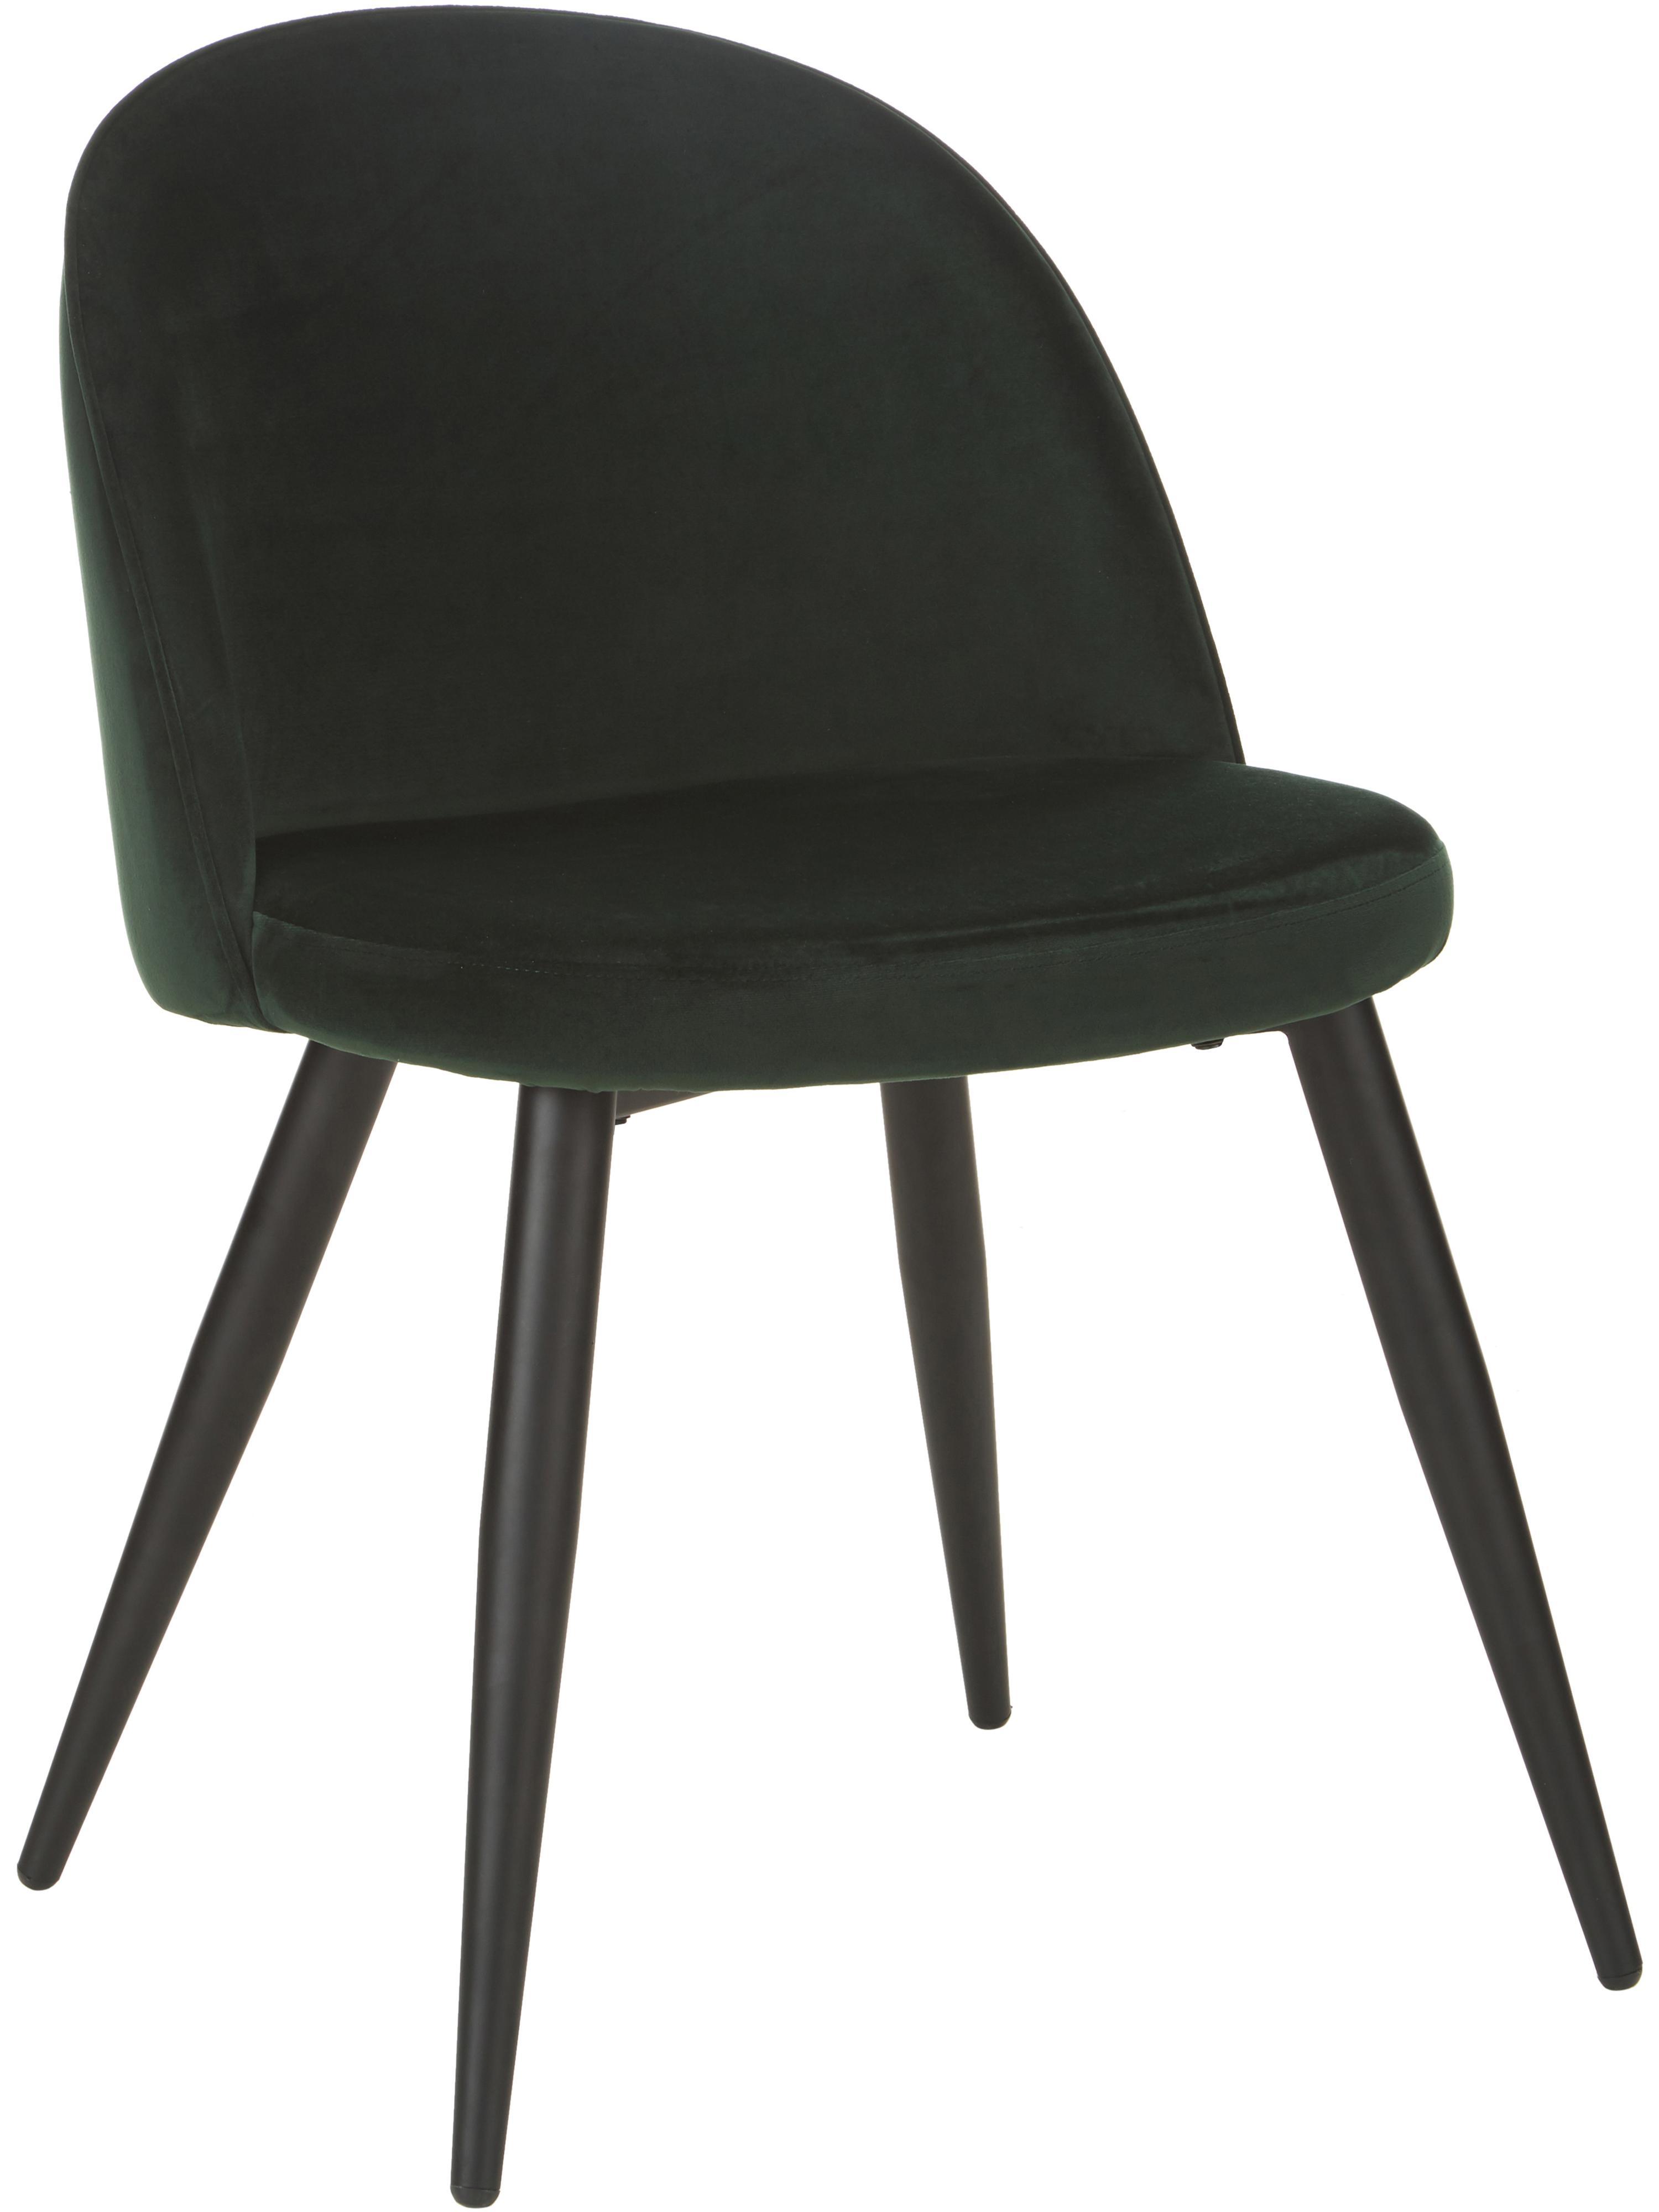 Moderne Samt-Polsterstühle Amy, 2 Stück, Bezug: Samt (Polyester) 25.000 S, Beine: Metall, pulverbeschichtet, Grün, B 47 x T 55 cm